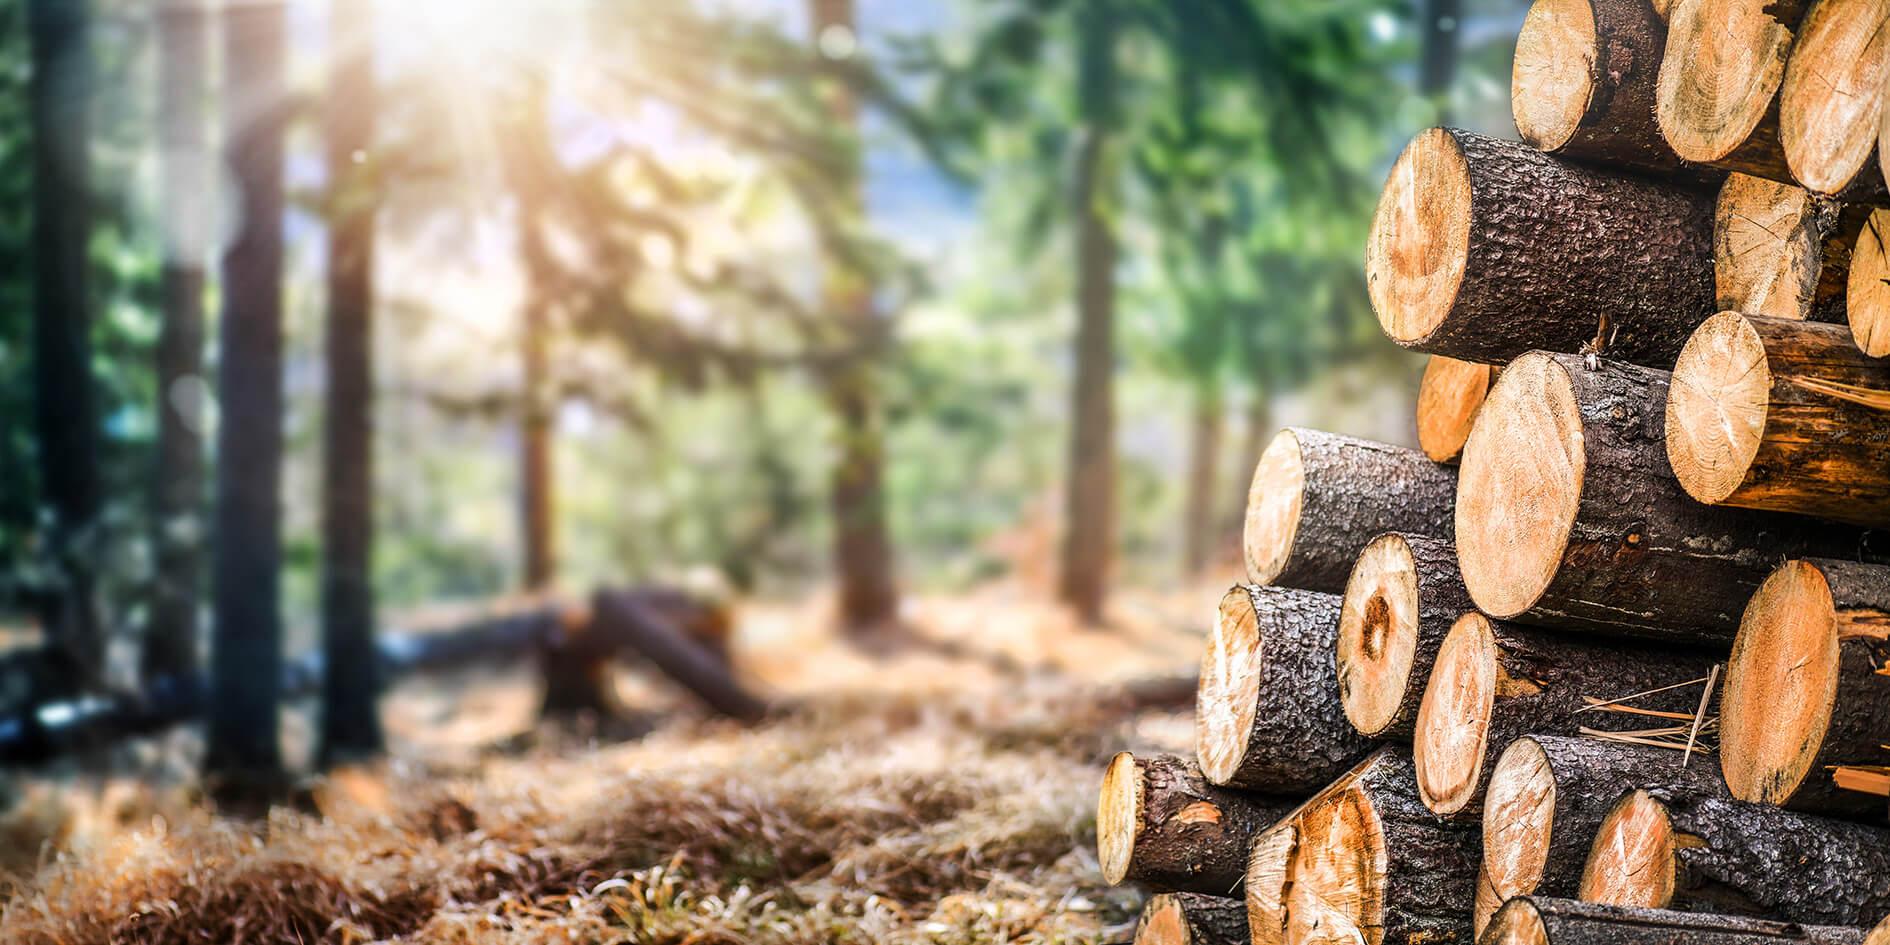 Waldstimmung mit gefällten Baumstämmen